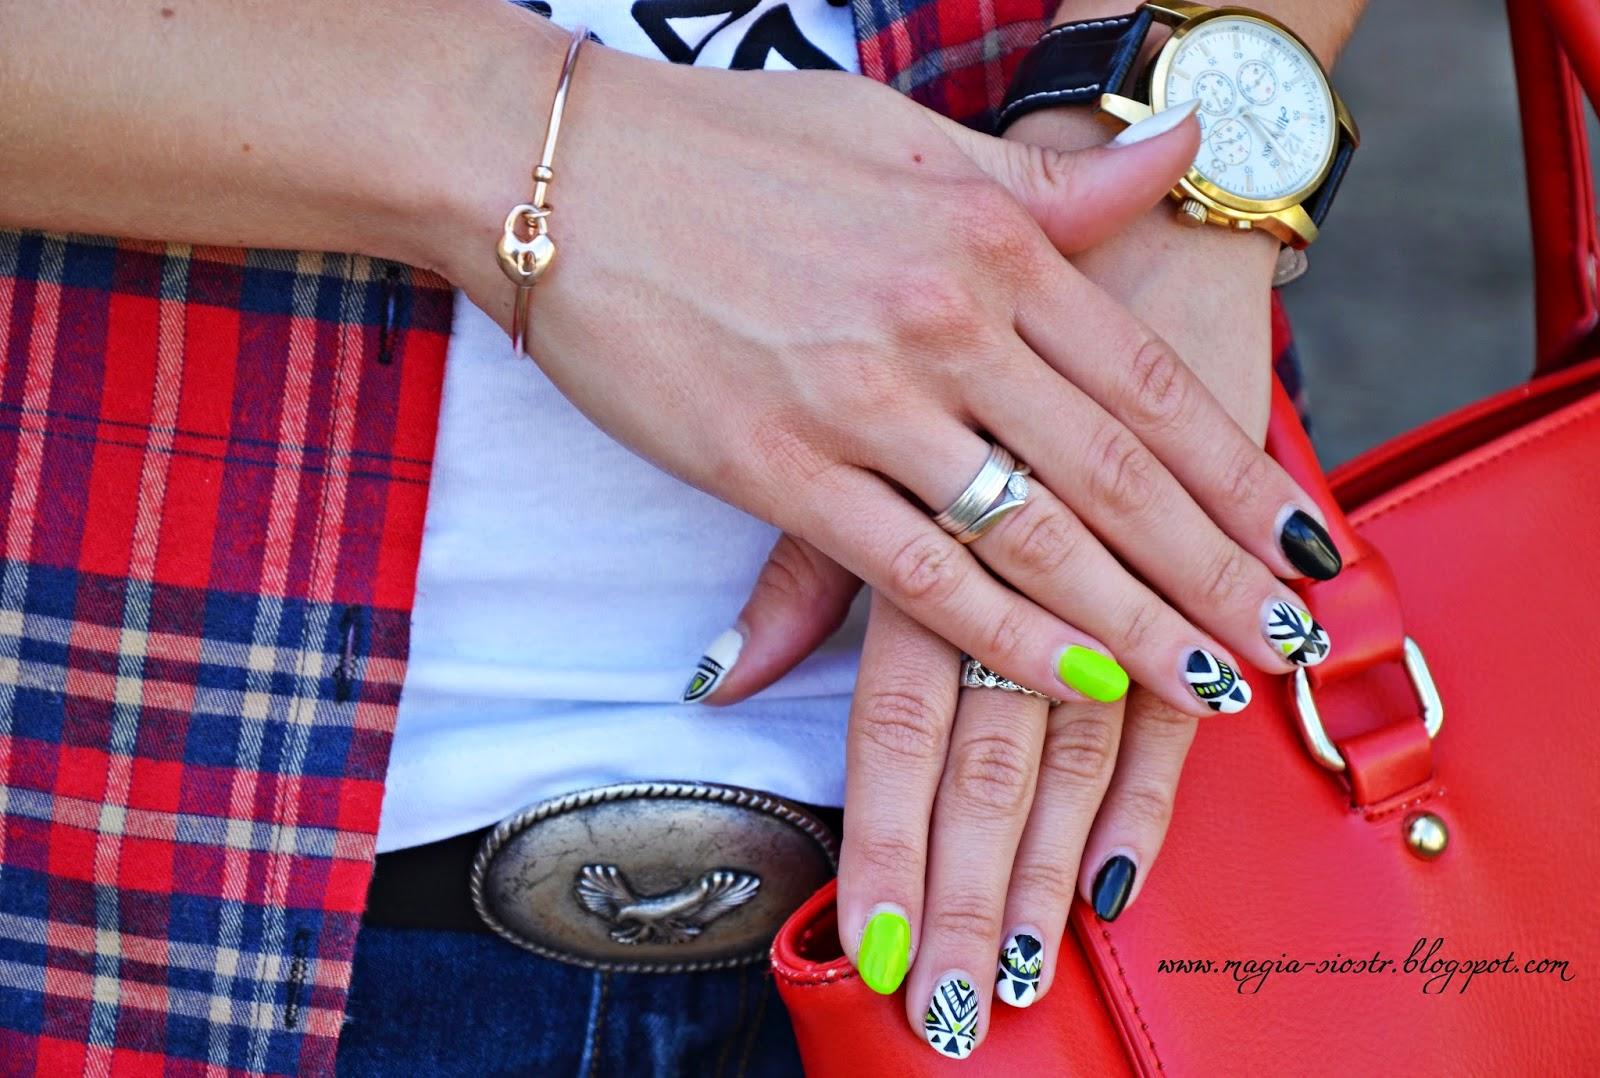 Nails art, akademia pięknych włosów